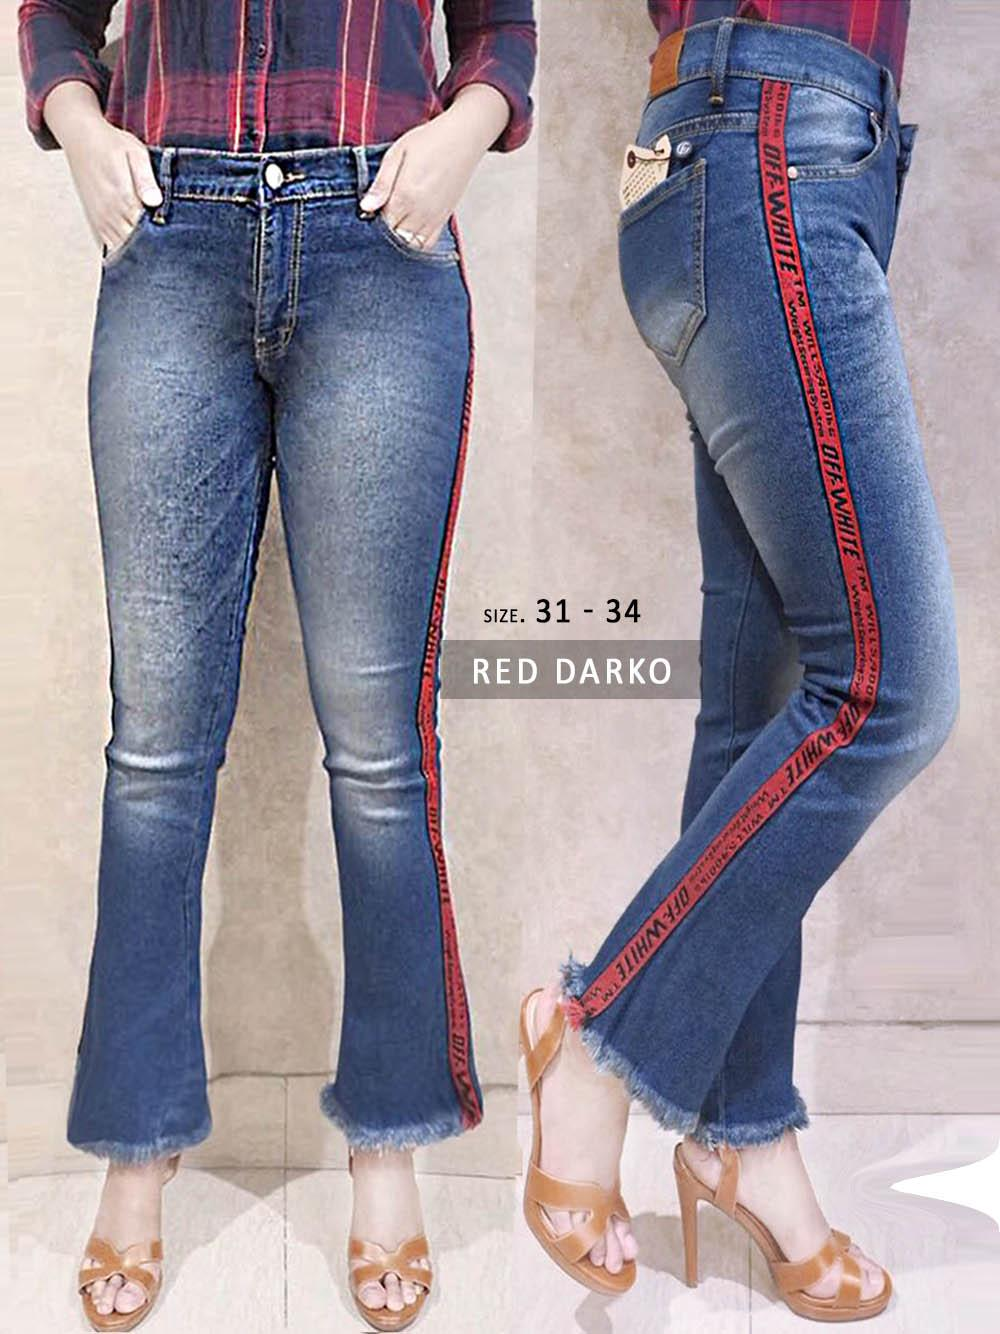 Celana Wanita Cutbray Jeans Wanita - Cutbray Jumbo (uk 31-34)